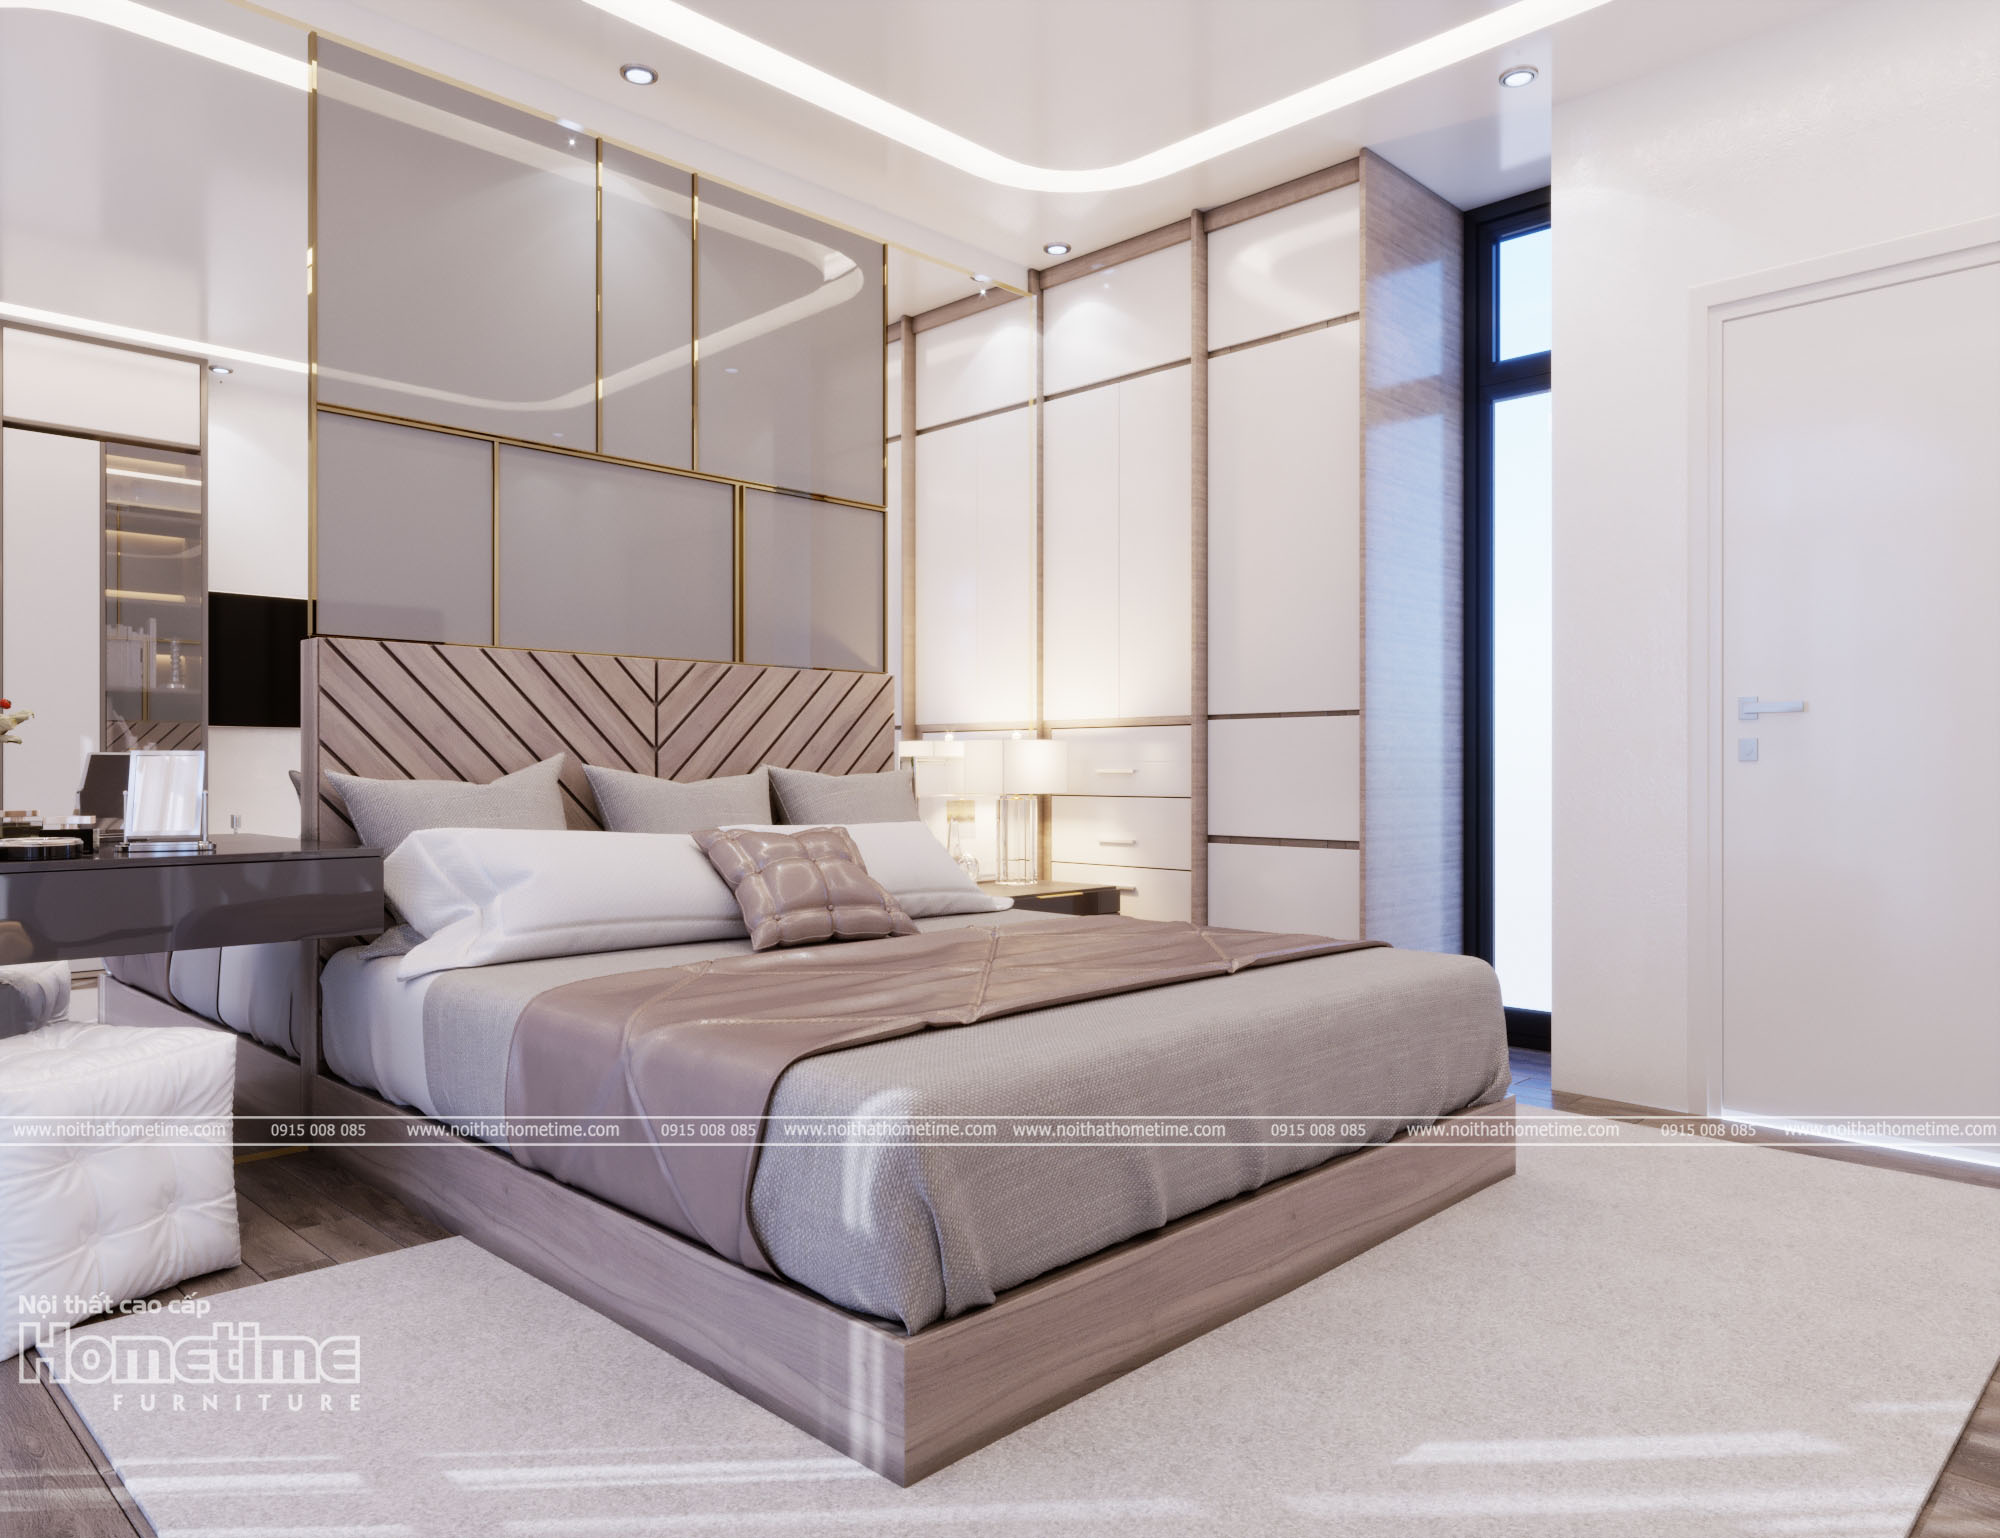 Phong cách thiết kế nội thất ngủ hiện đại, sang trọng